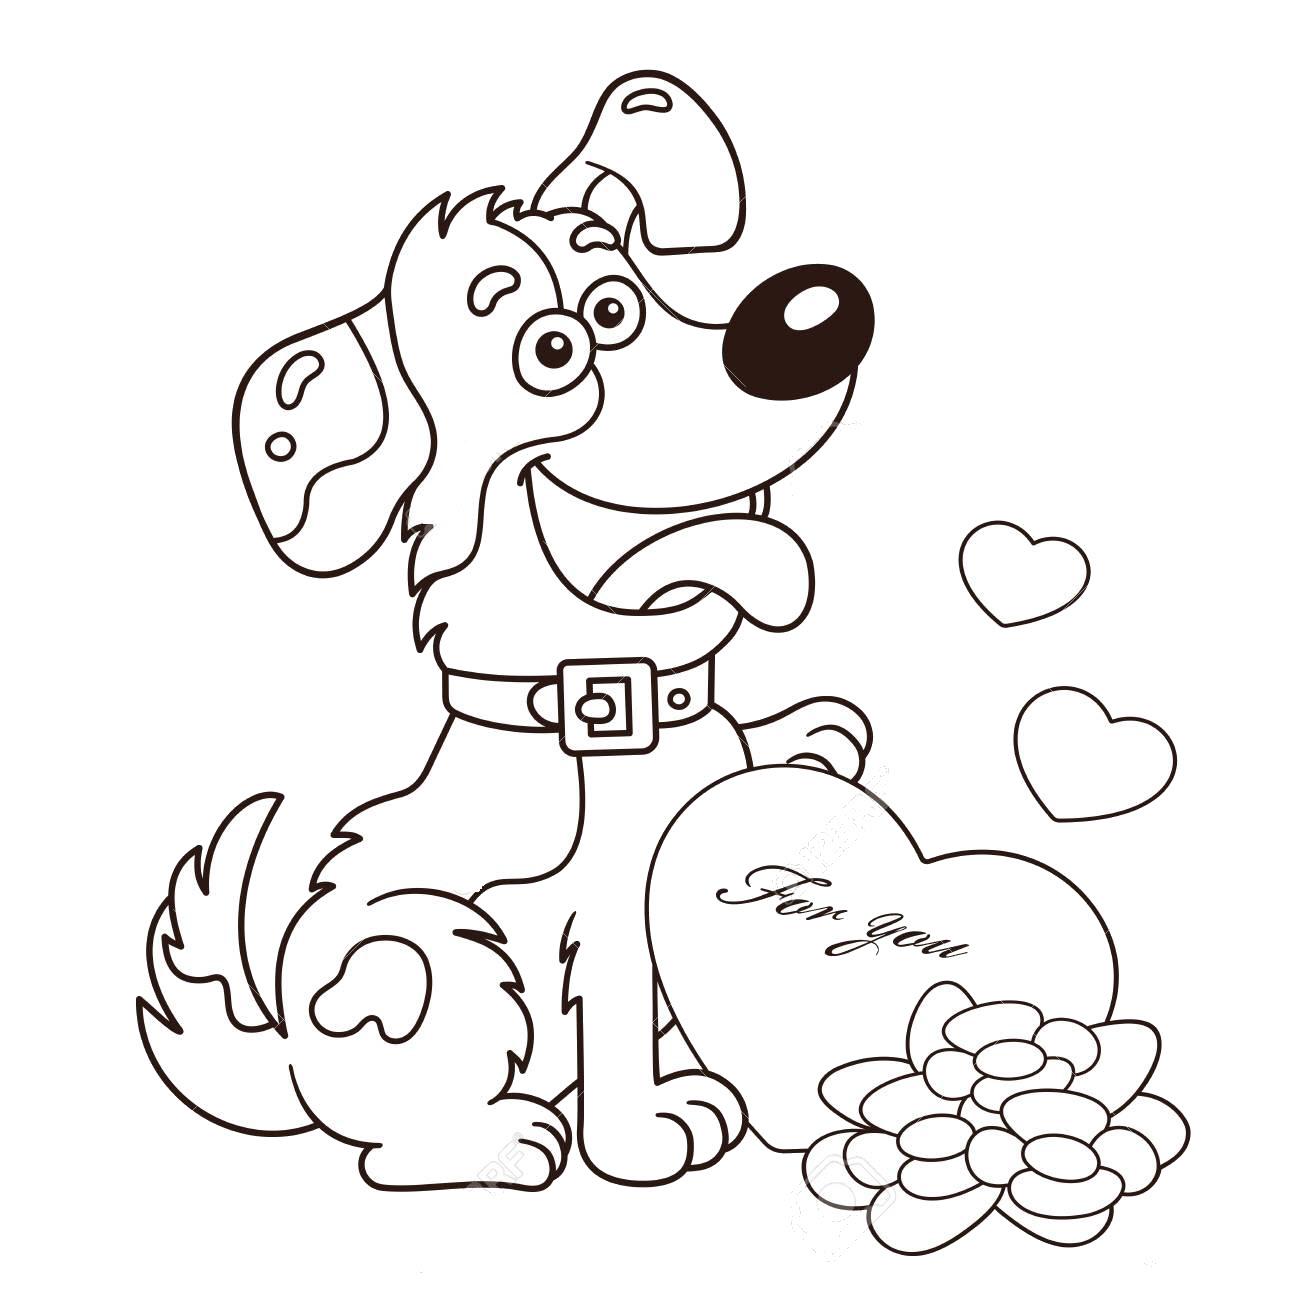 Tranh tô màu hình trái tim và con chó dễ thương